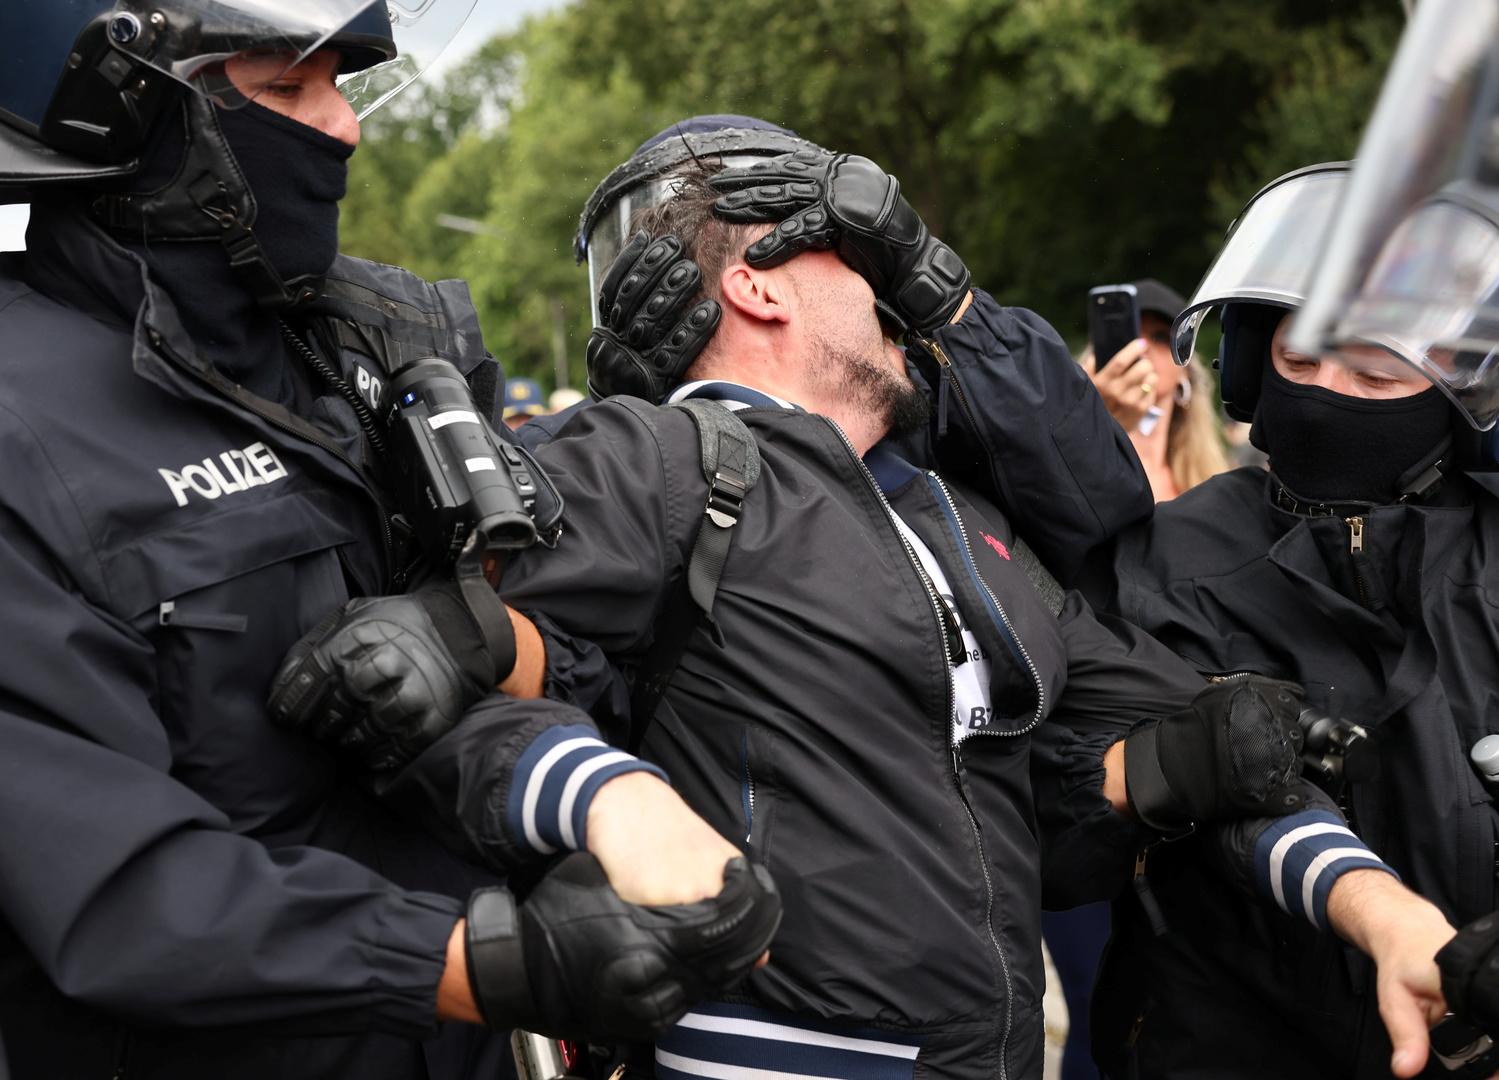 برلين.. توقيف أكثر من 500 محتج على قيود كورونا